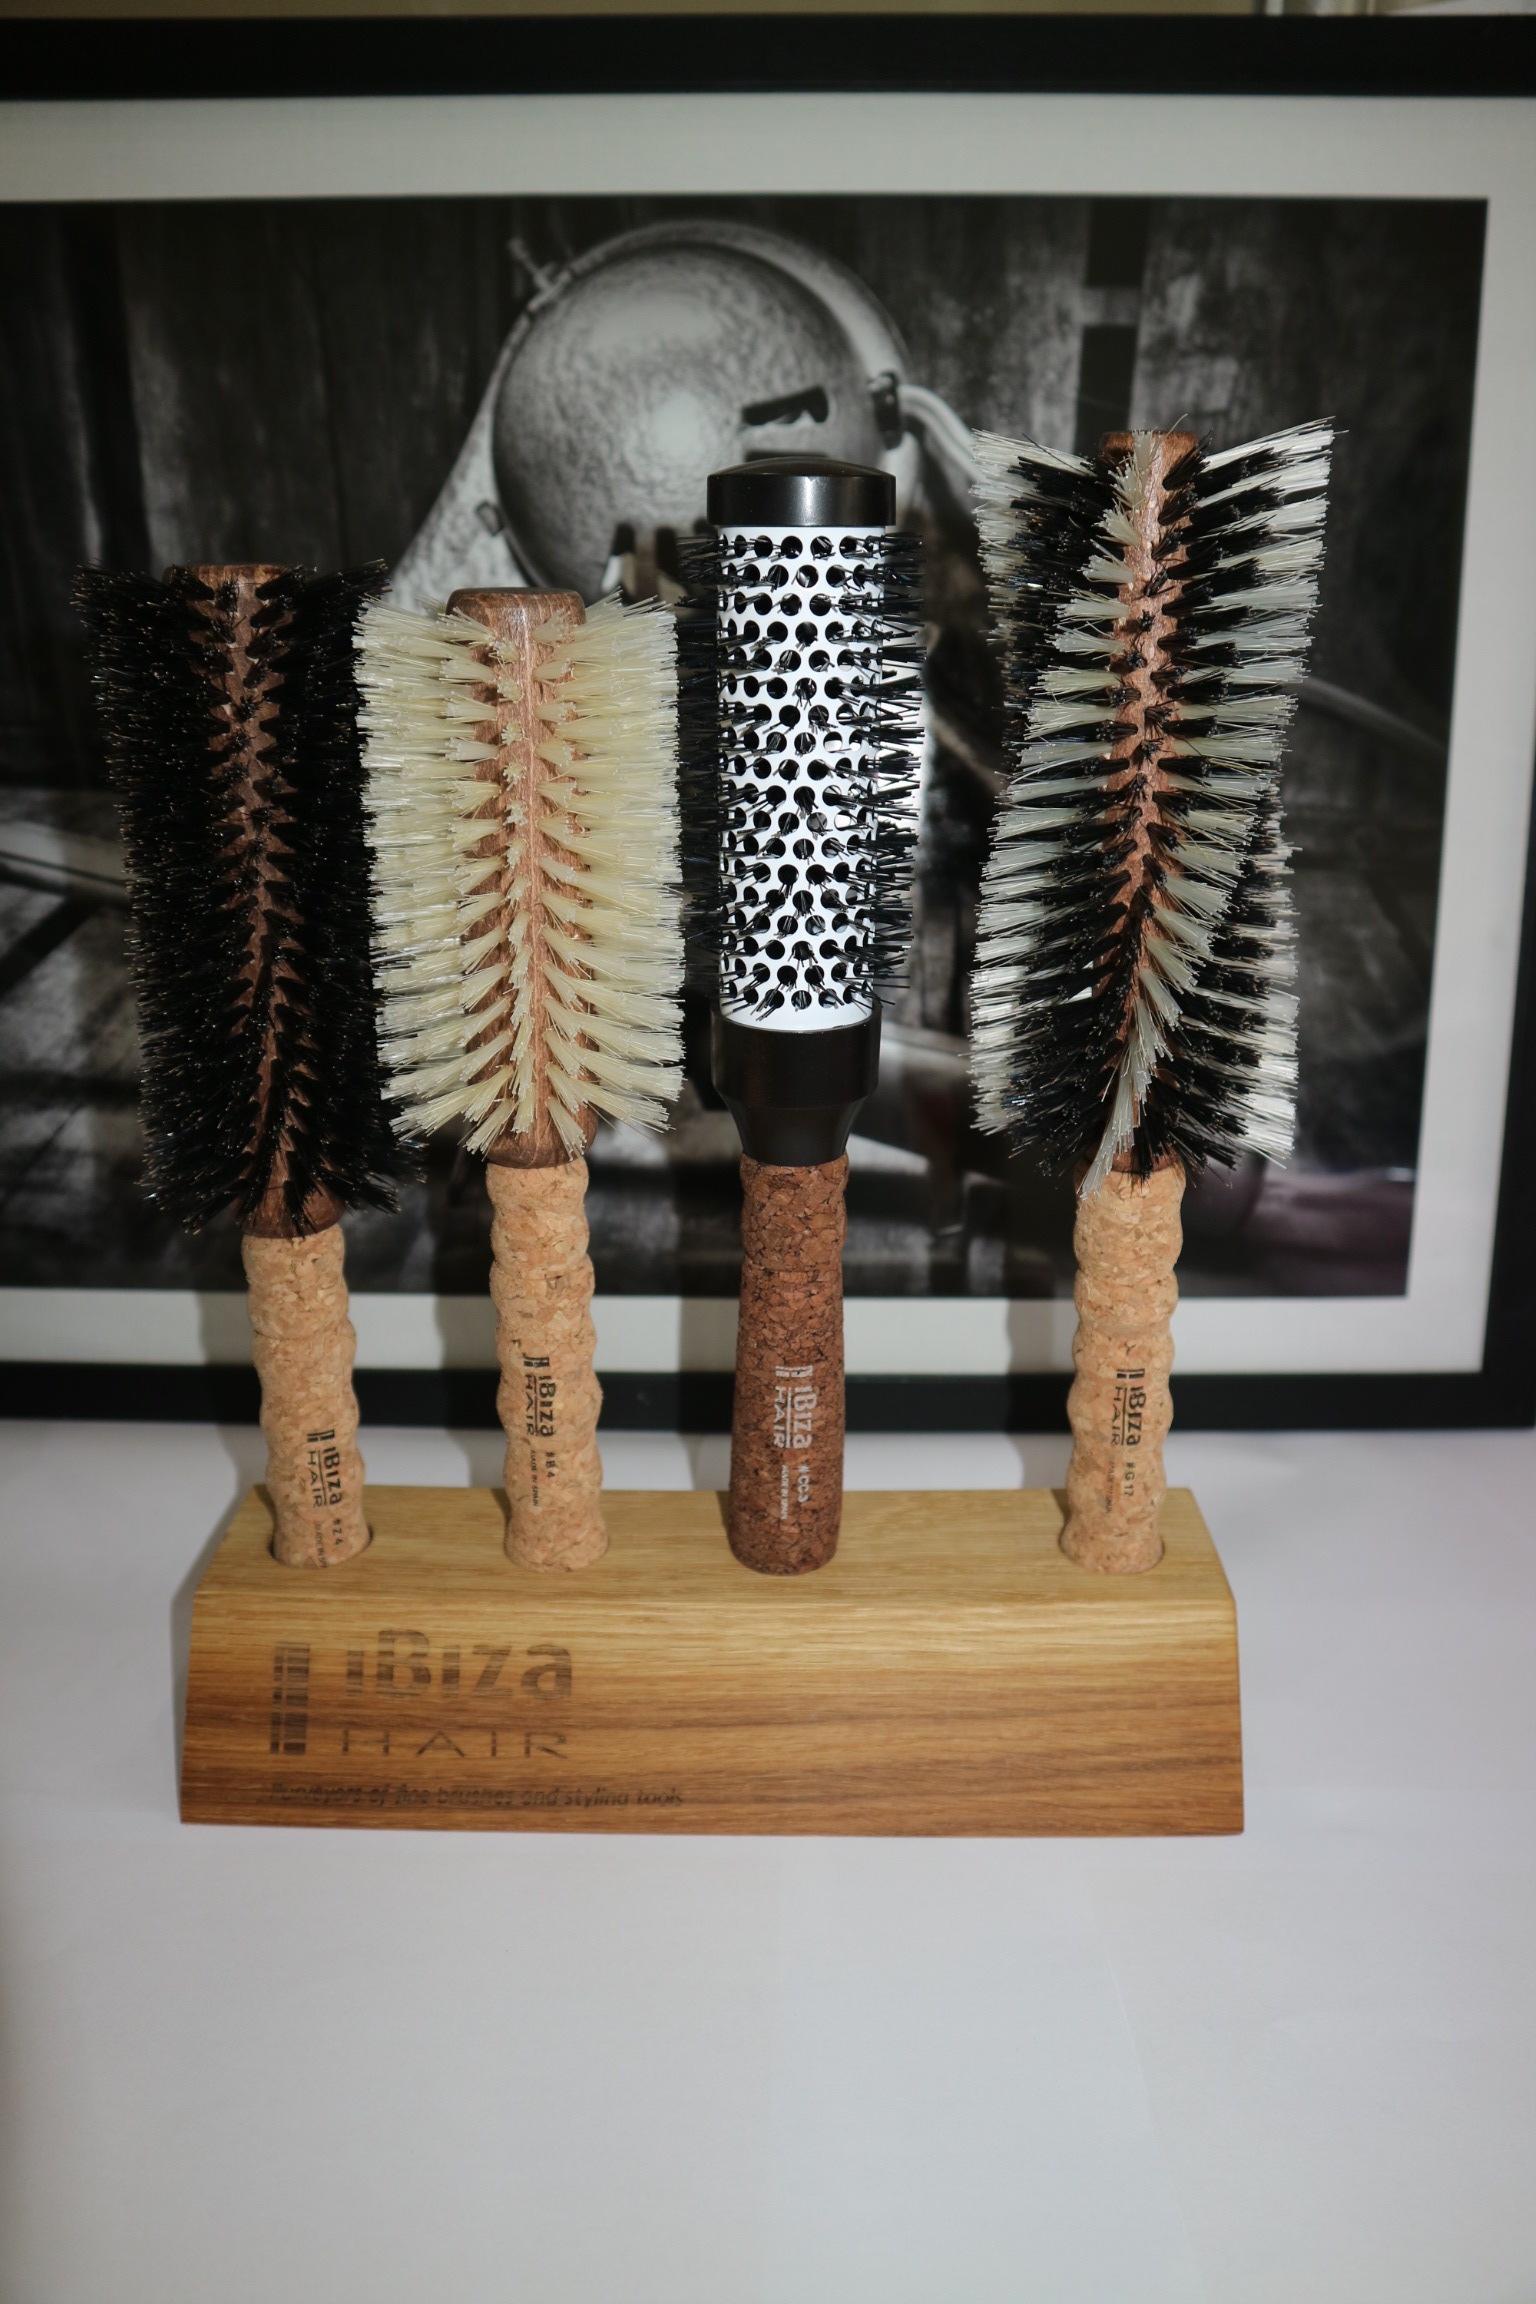 Our 4 favourite hair brushes - The Ibiza Hair Z4, B4, CC3 & G17.